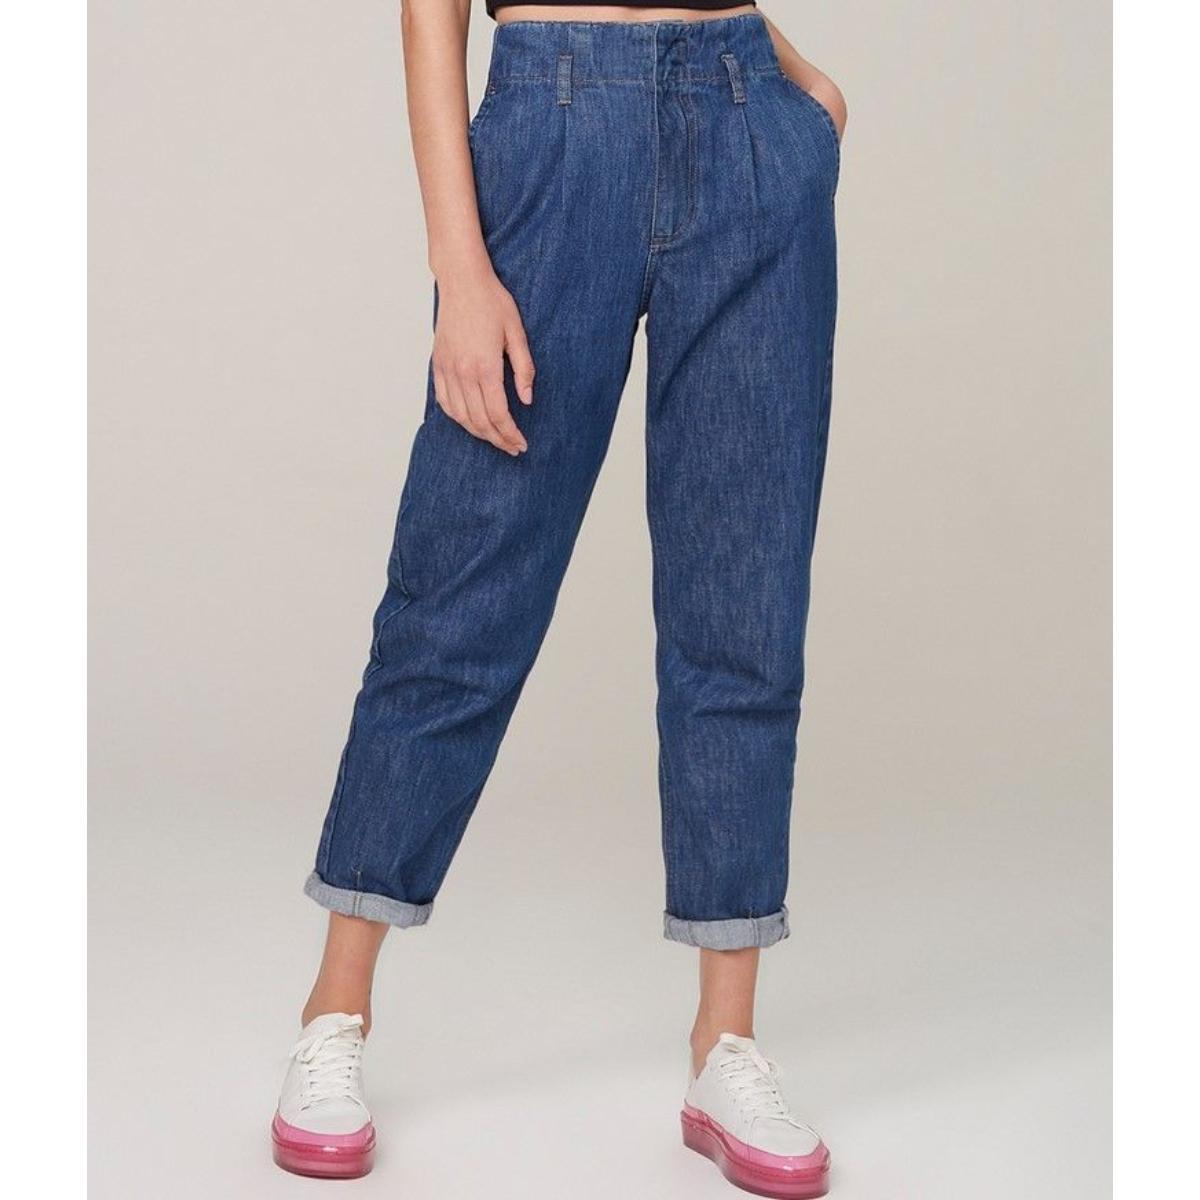 Calça Feminina Dzarm Zu4n 1asn Jeans Escuro